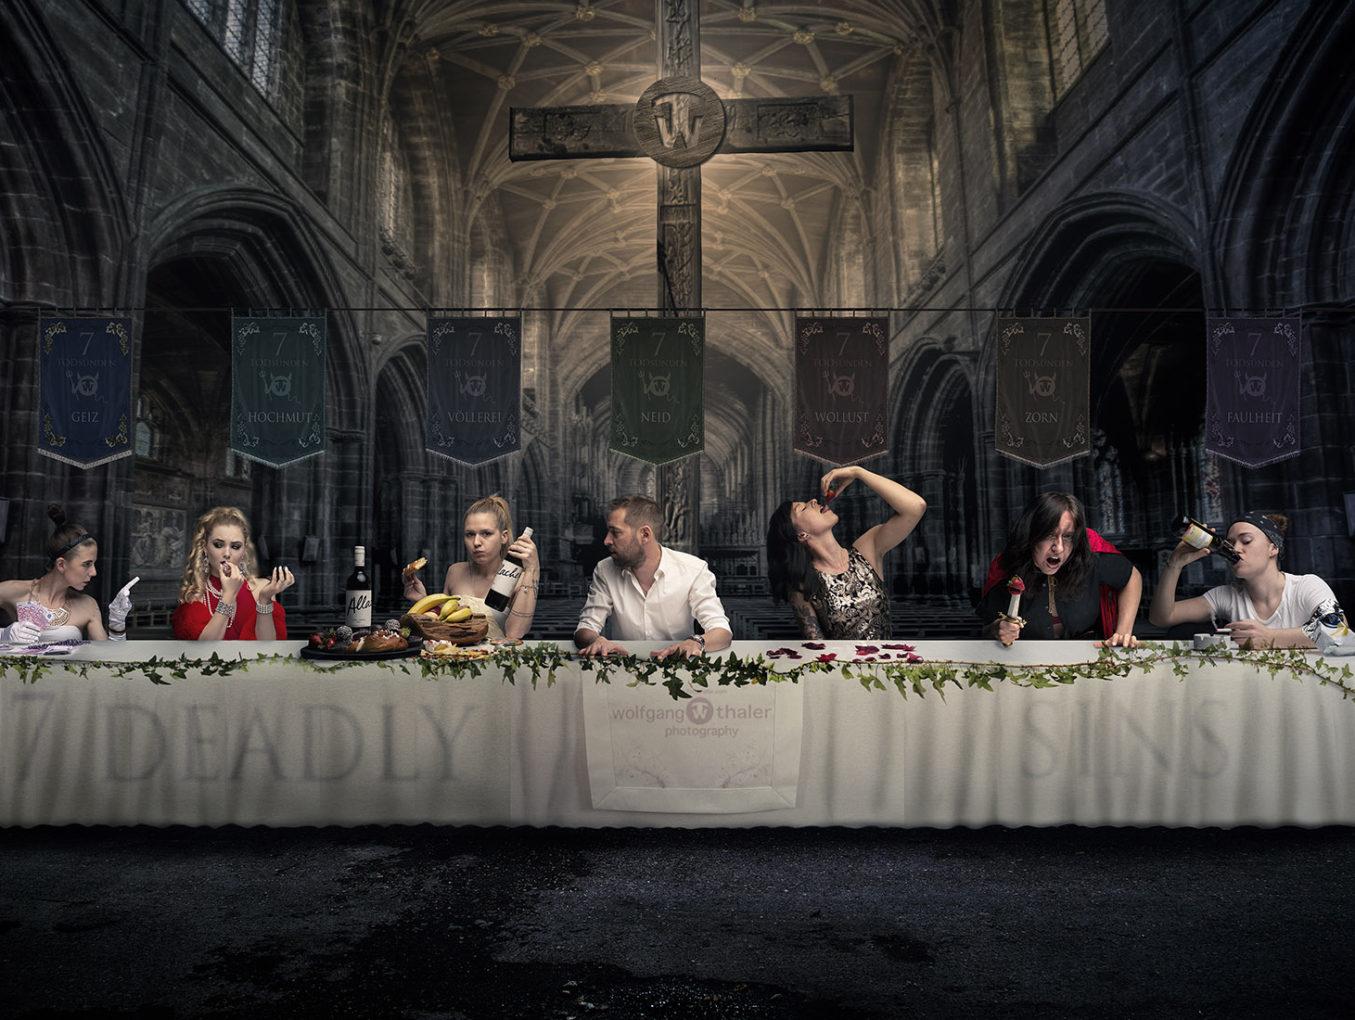 Unser Fotoprojekt: Sieben Todsünden